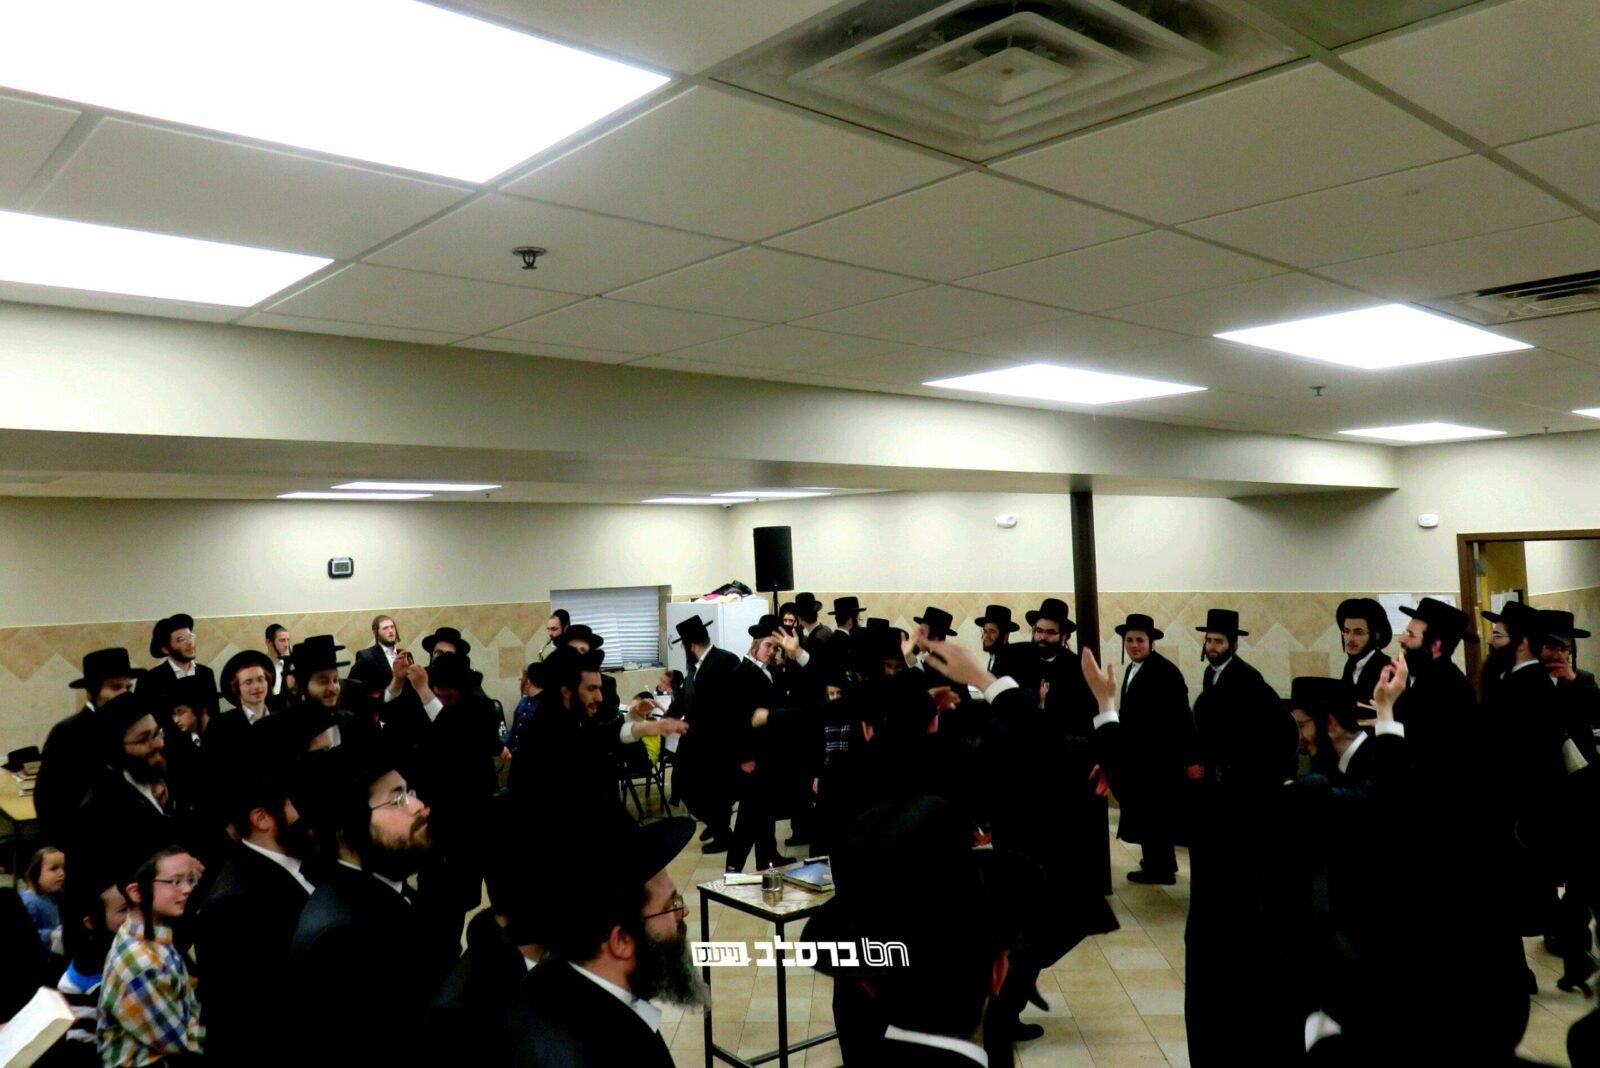 """מונסי: ל""""ג בעומר • ריקדים ושמחה בבית הכנסת 'ברכת הנחל' לכבוד רבי שמעון בר יוחאי"""